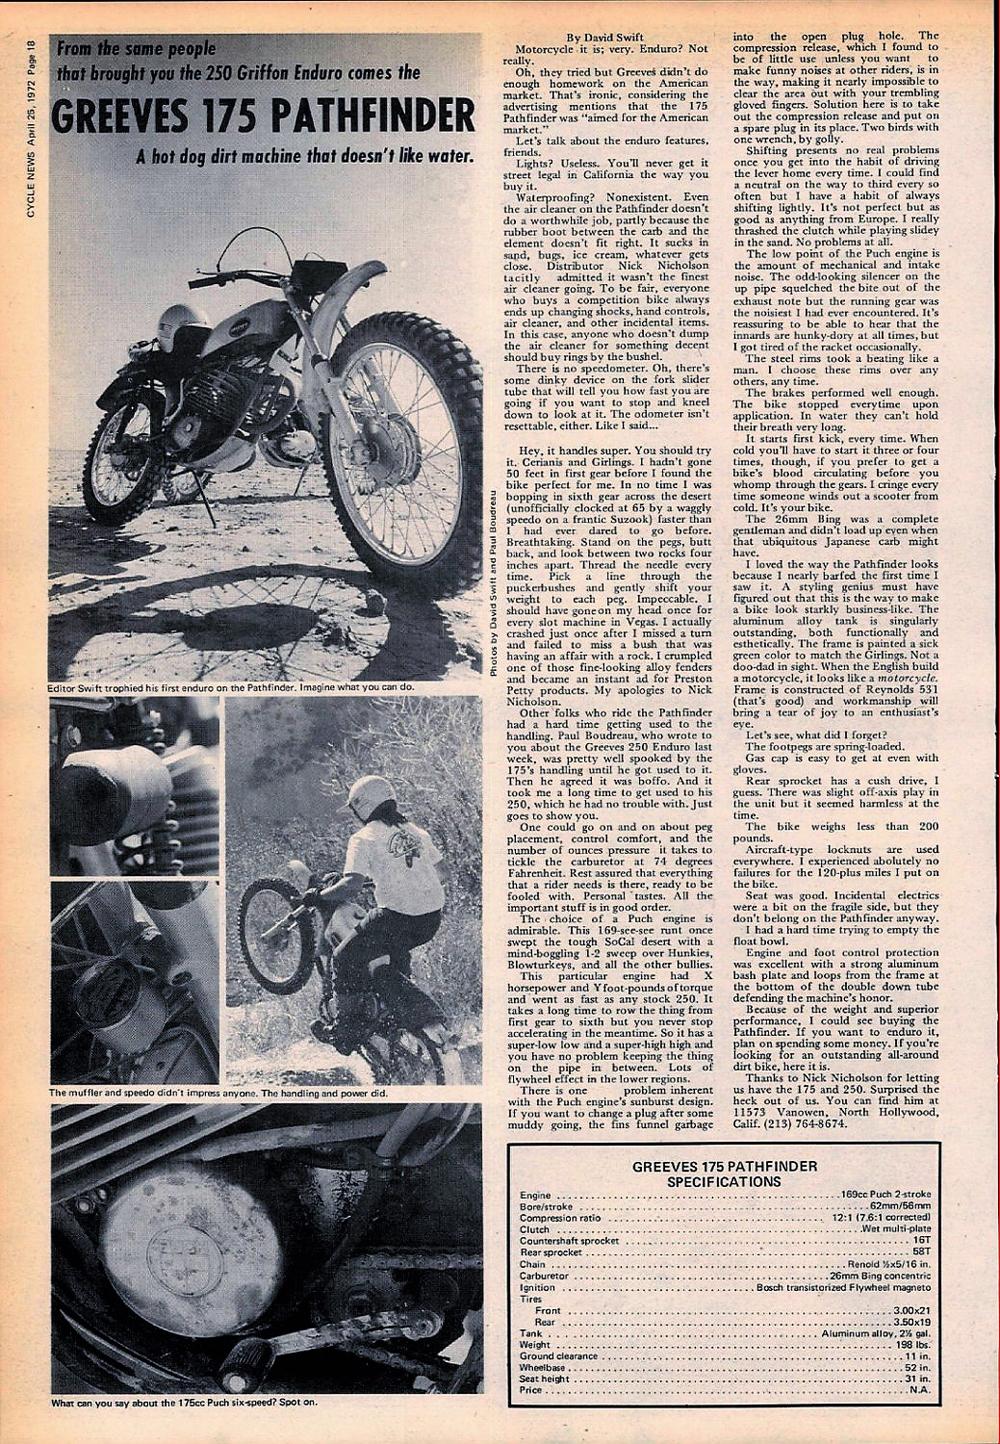 1972 Greeves 175 Pathfinder road test 01.jpg